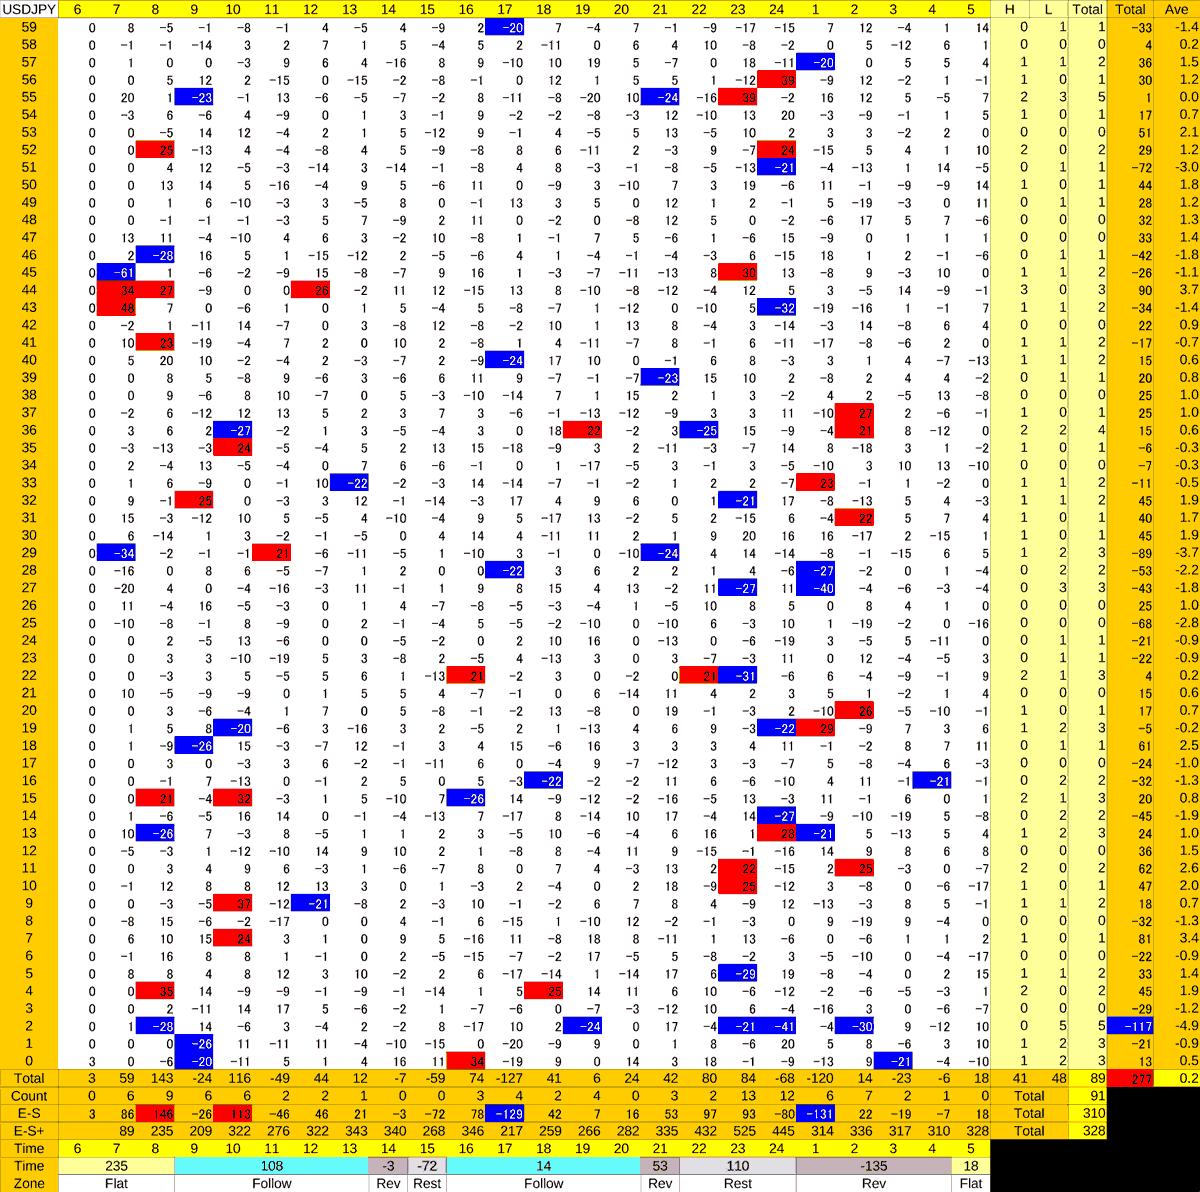 20210111_HS(1)USDJPY